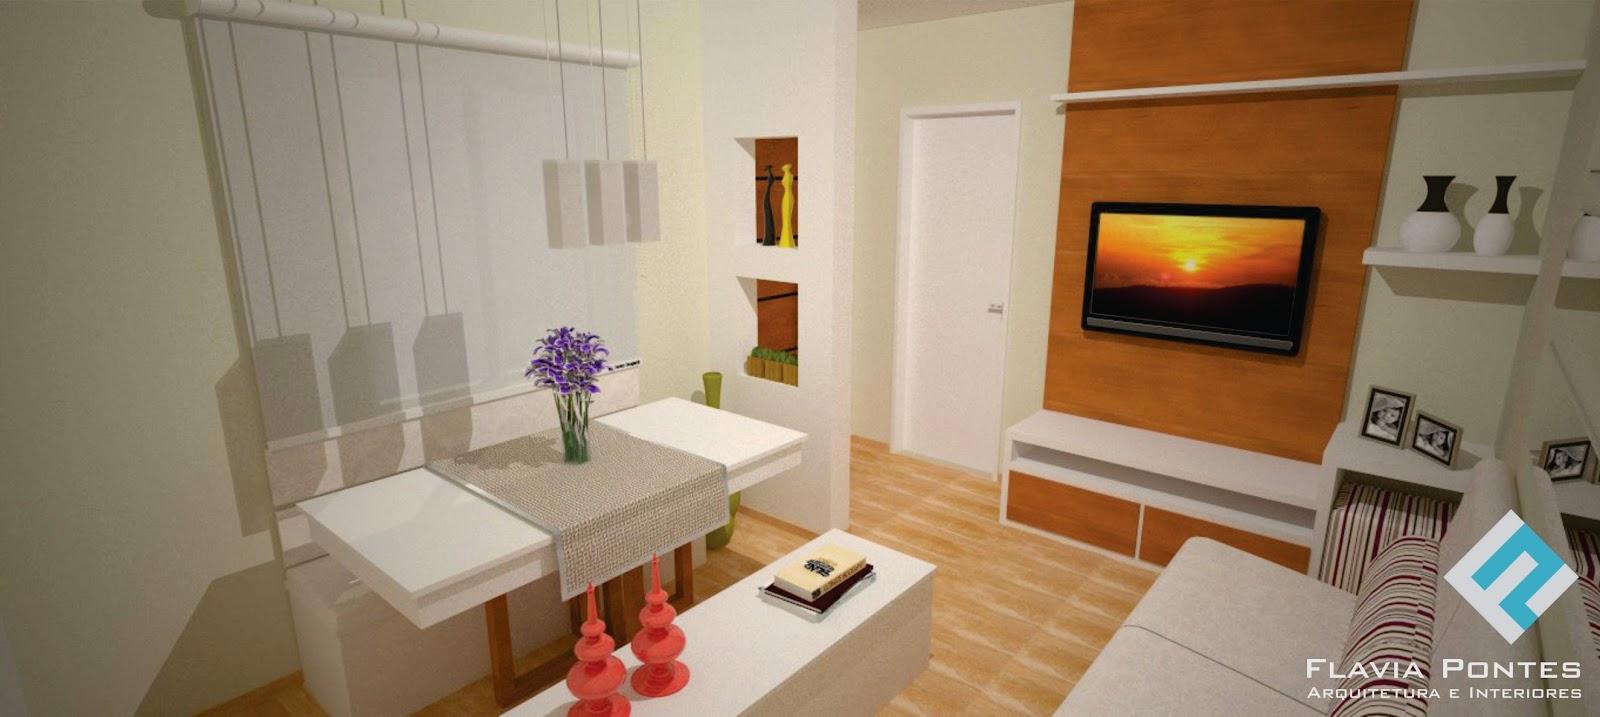 Flavia pontes arquitetura for Mesa de cafe pequena sala de estar